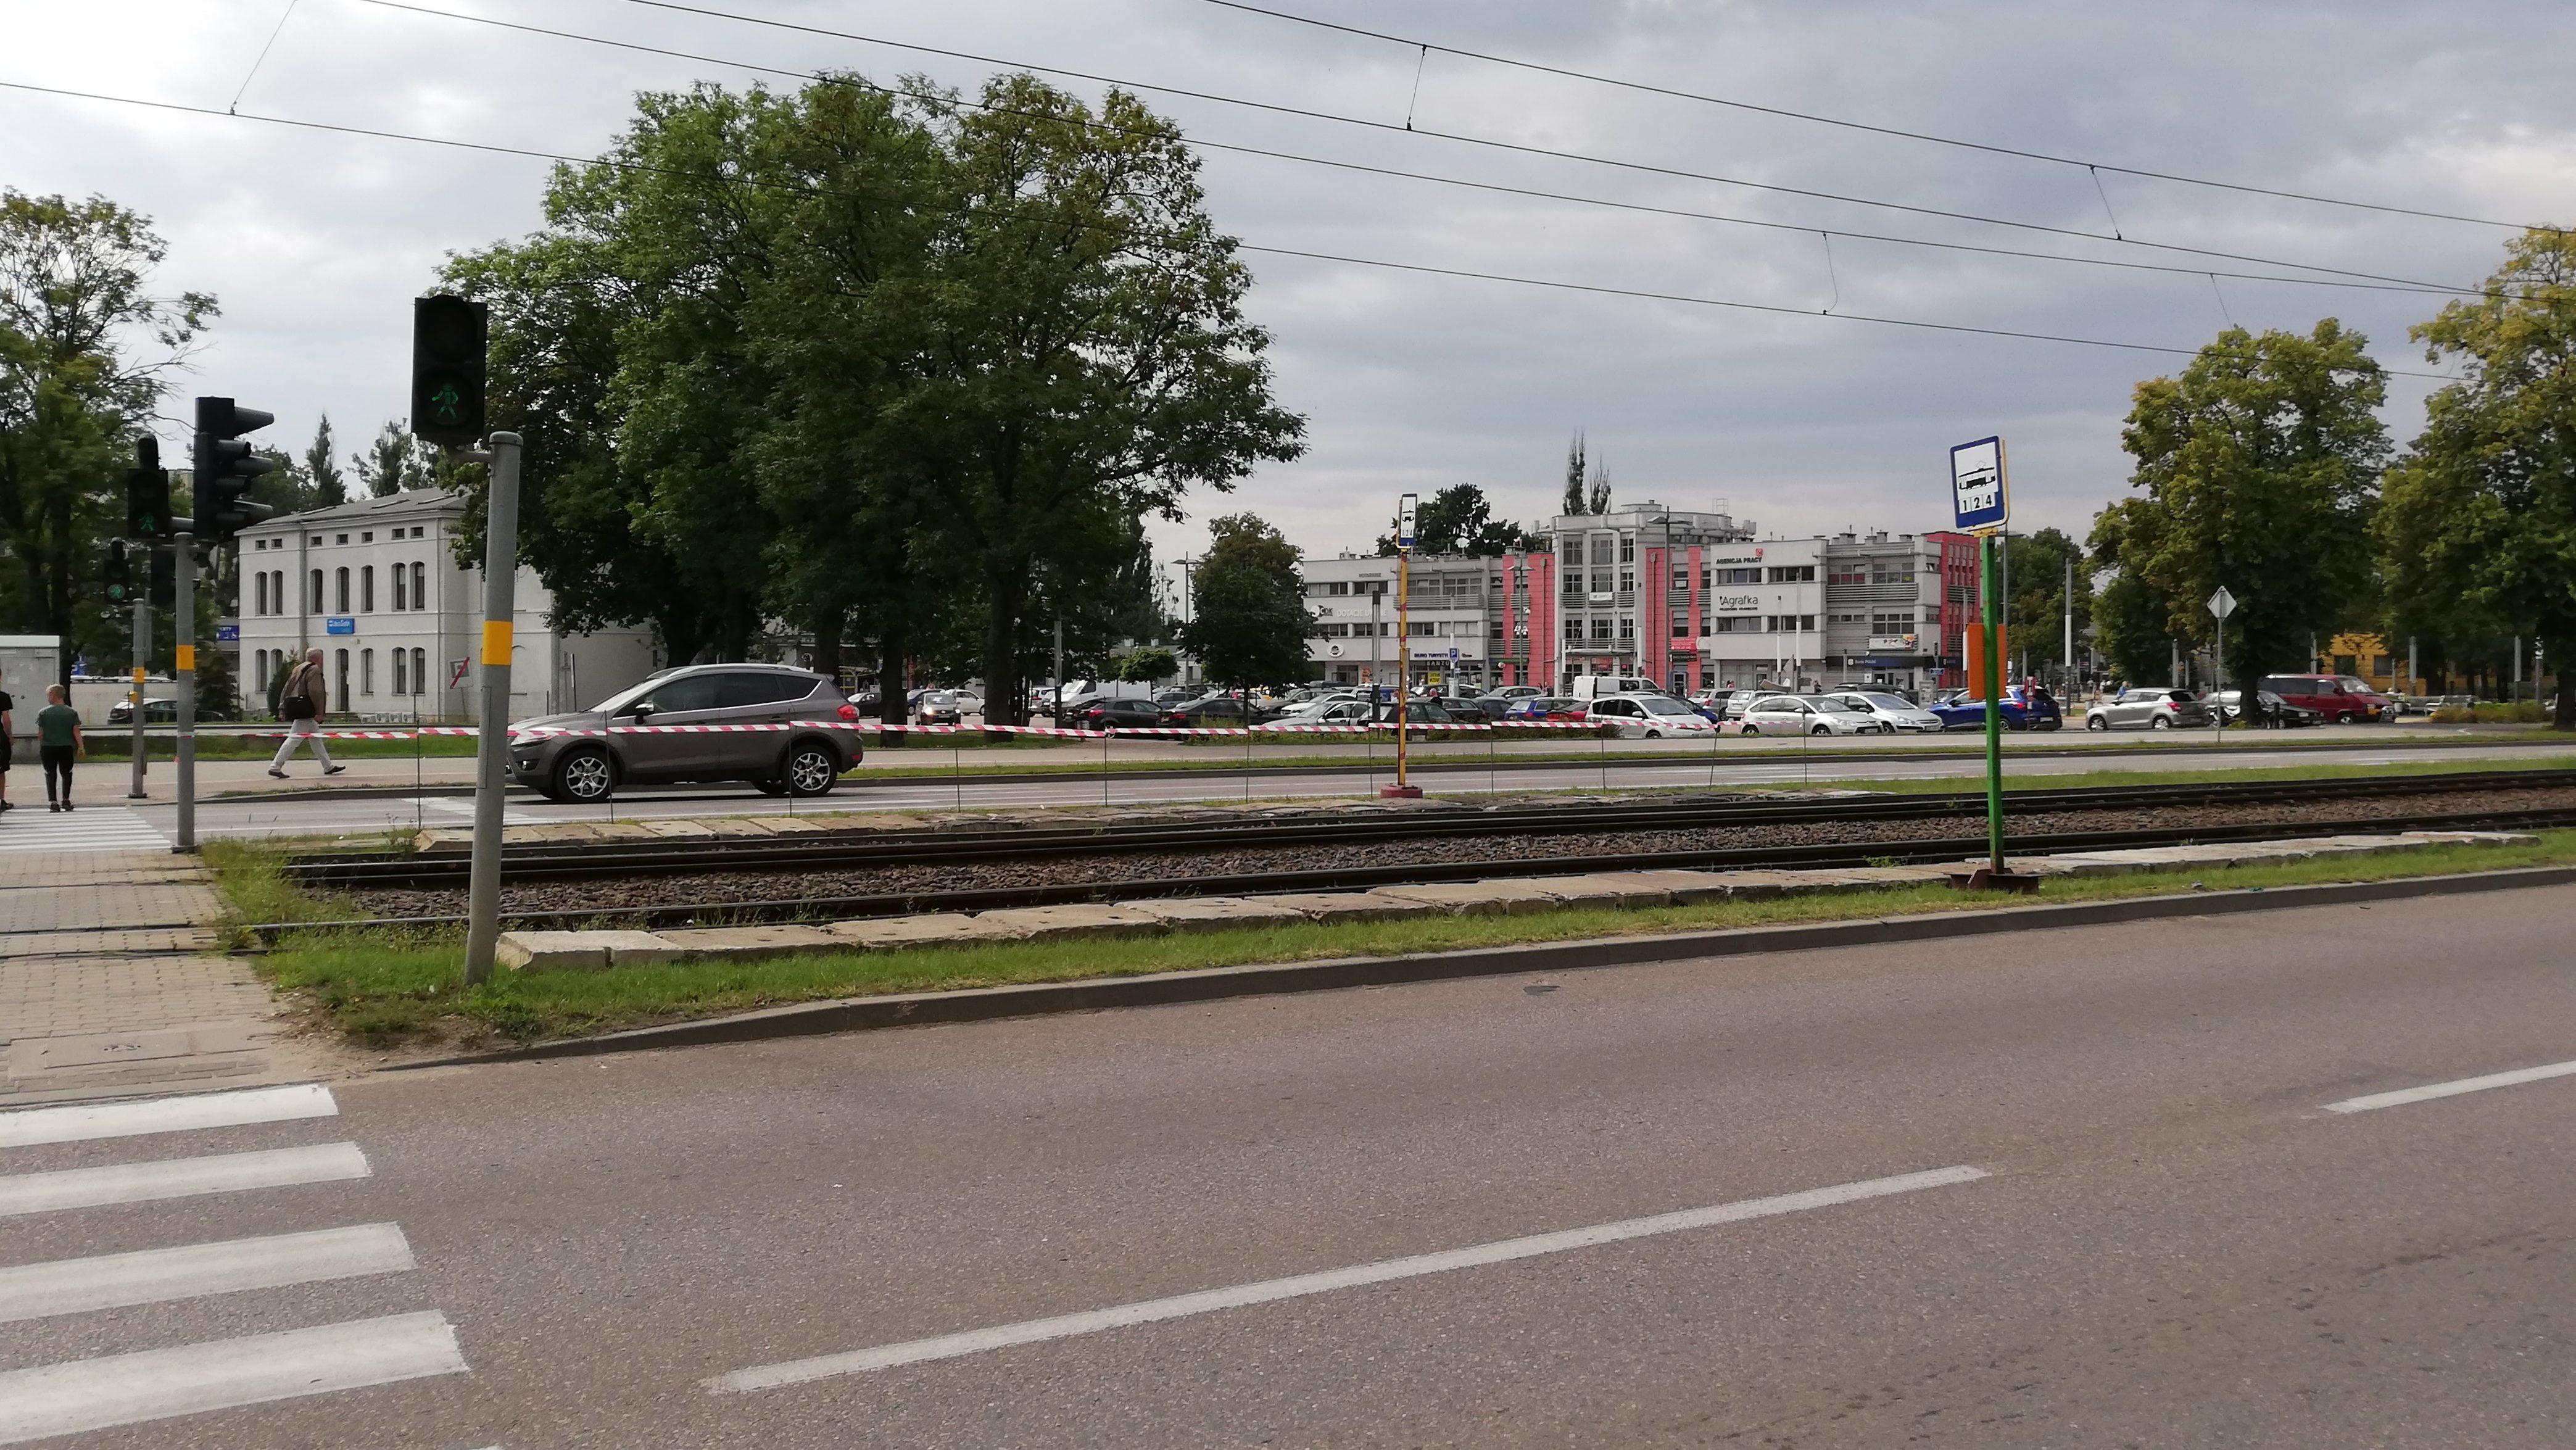 Przystanek tramwajowy przesunięty ze względu na roboty budowlane